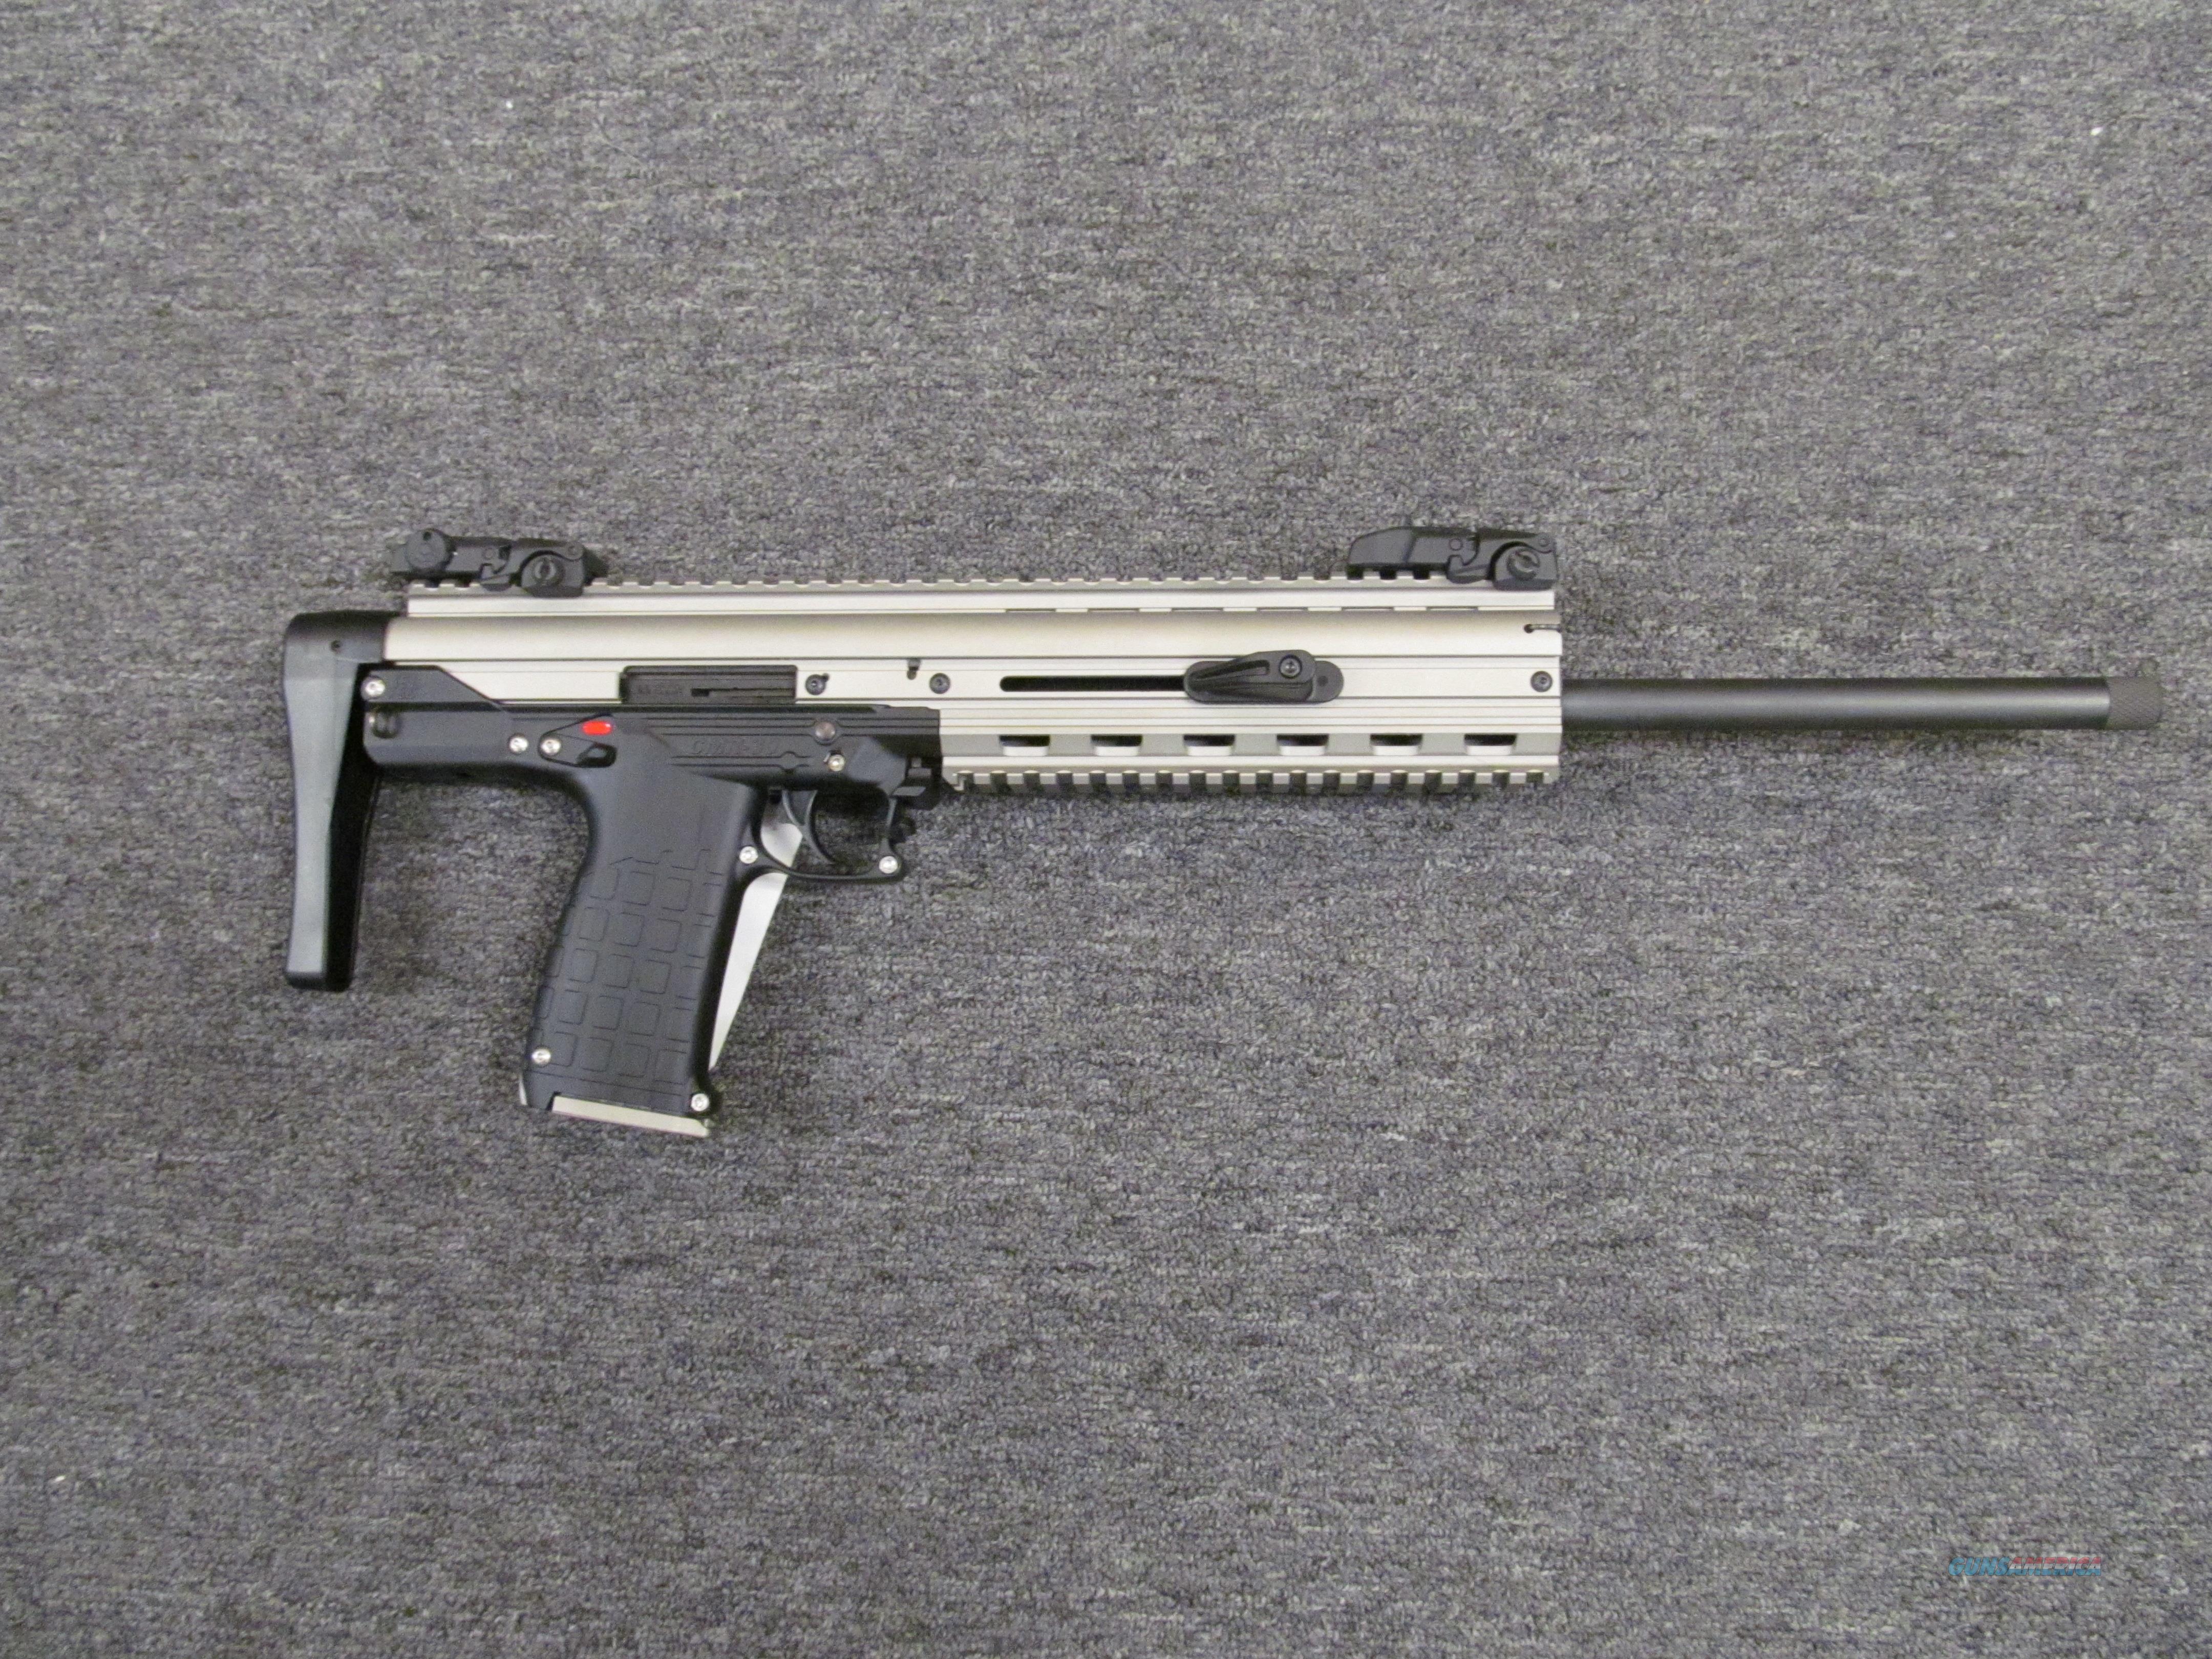 Kel-Tec CMR-30  Guns > Rifles > Kel-Tec Rifles